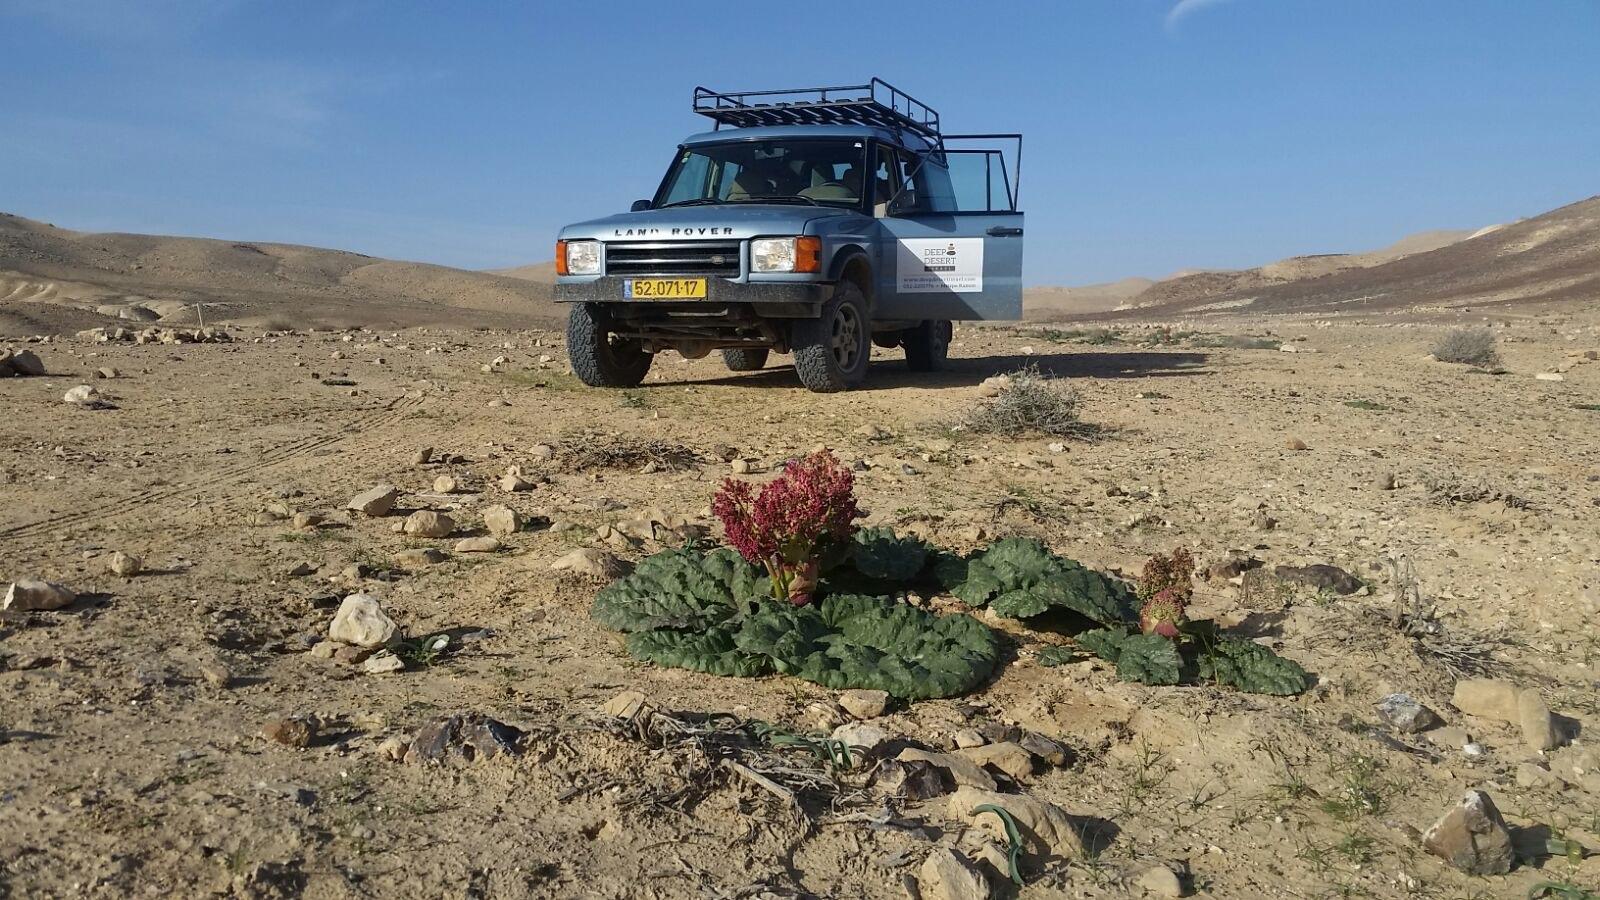 טיול ג׳יפים ריבס המדבר הר הנגב הגבוה